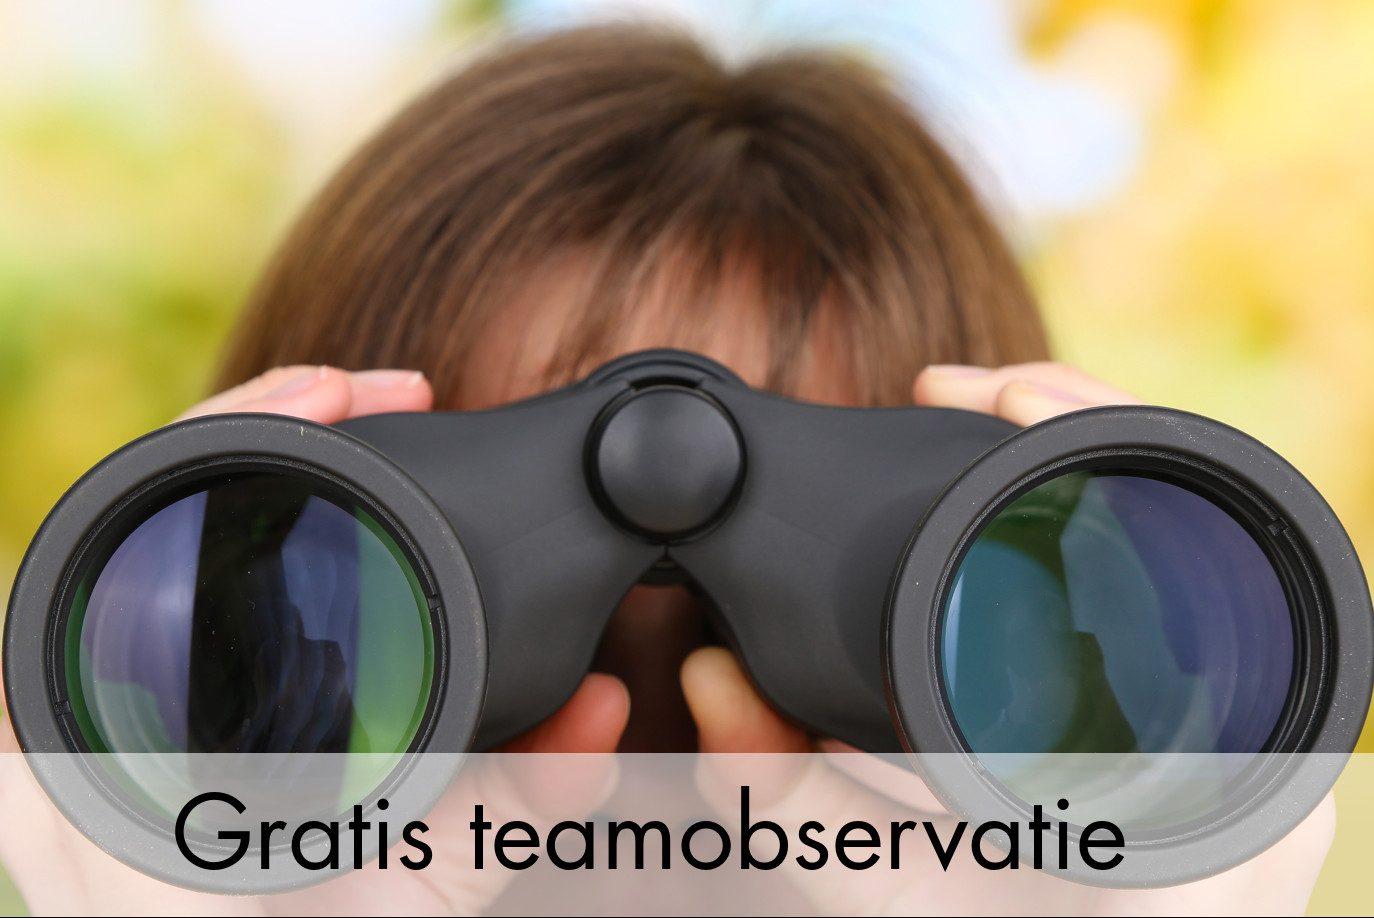 Gratis teamobservatie